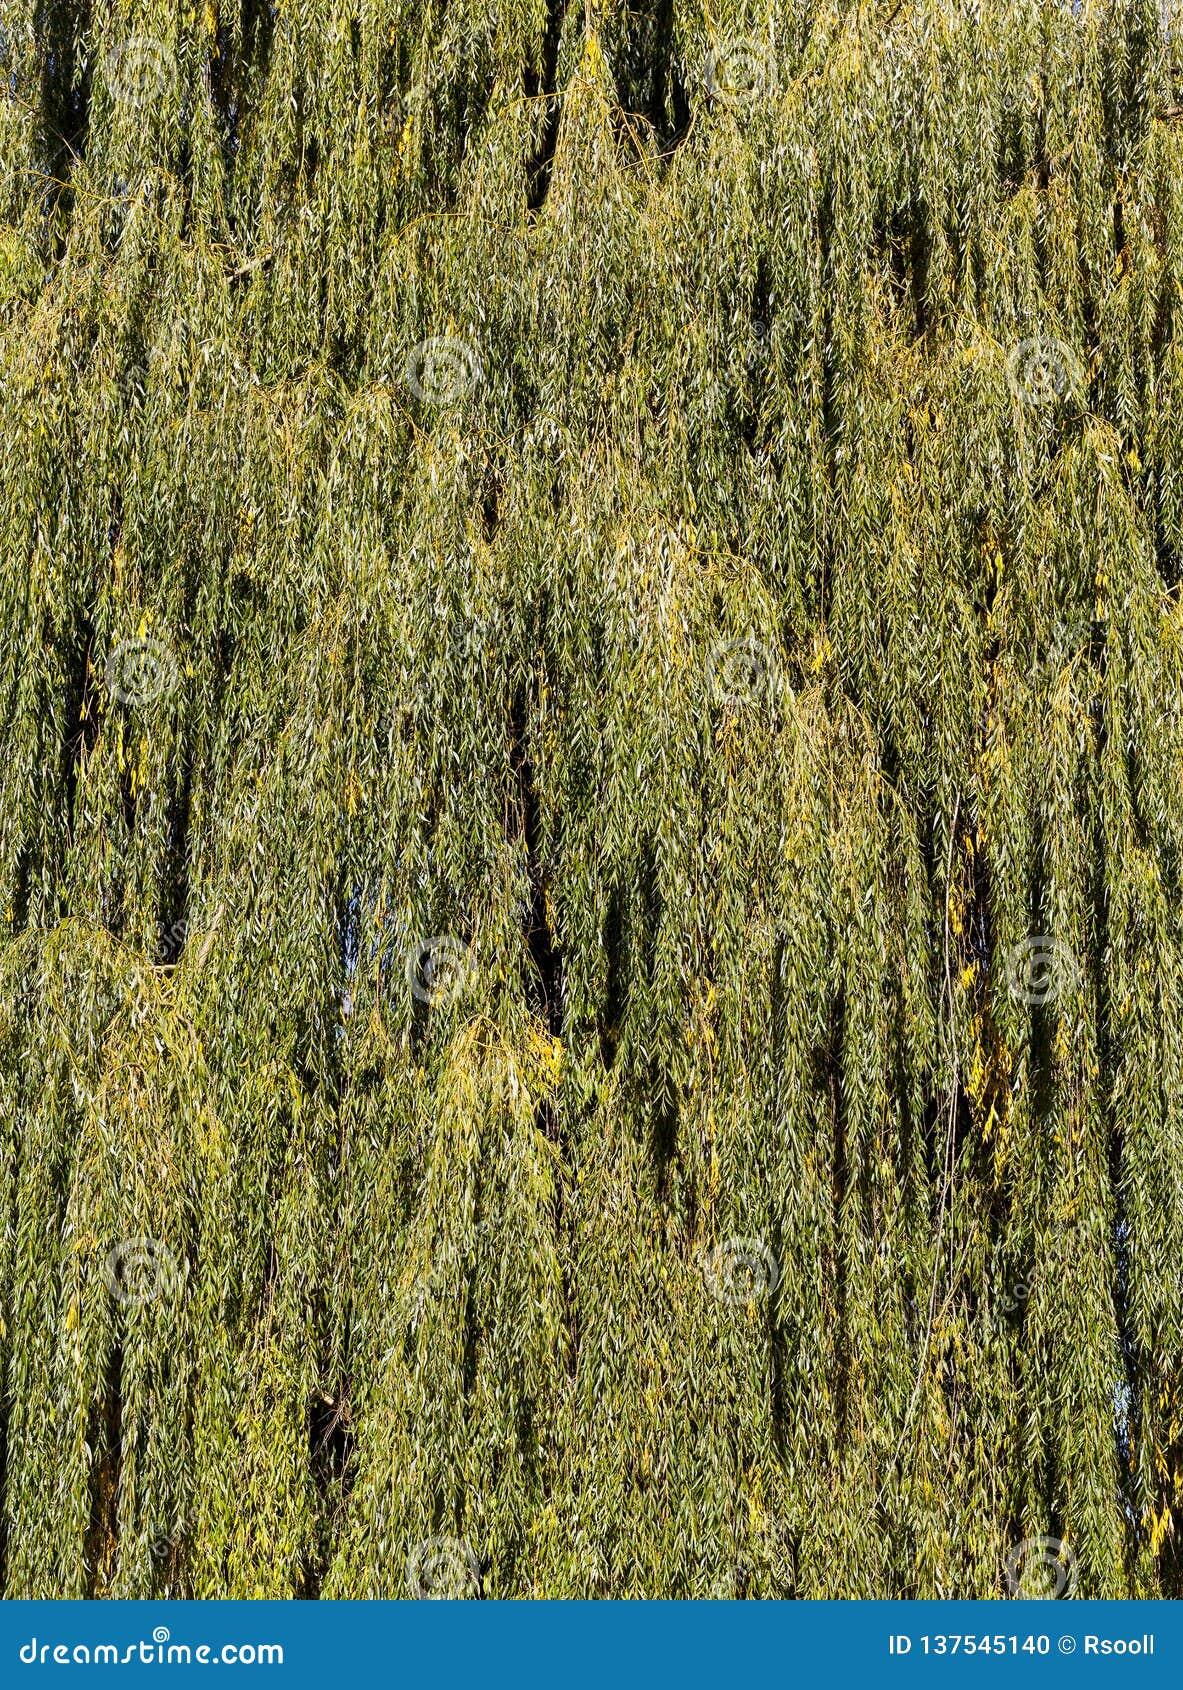 orange willow